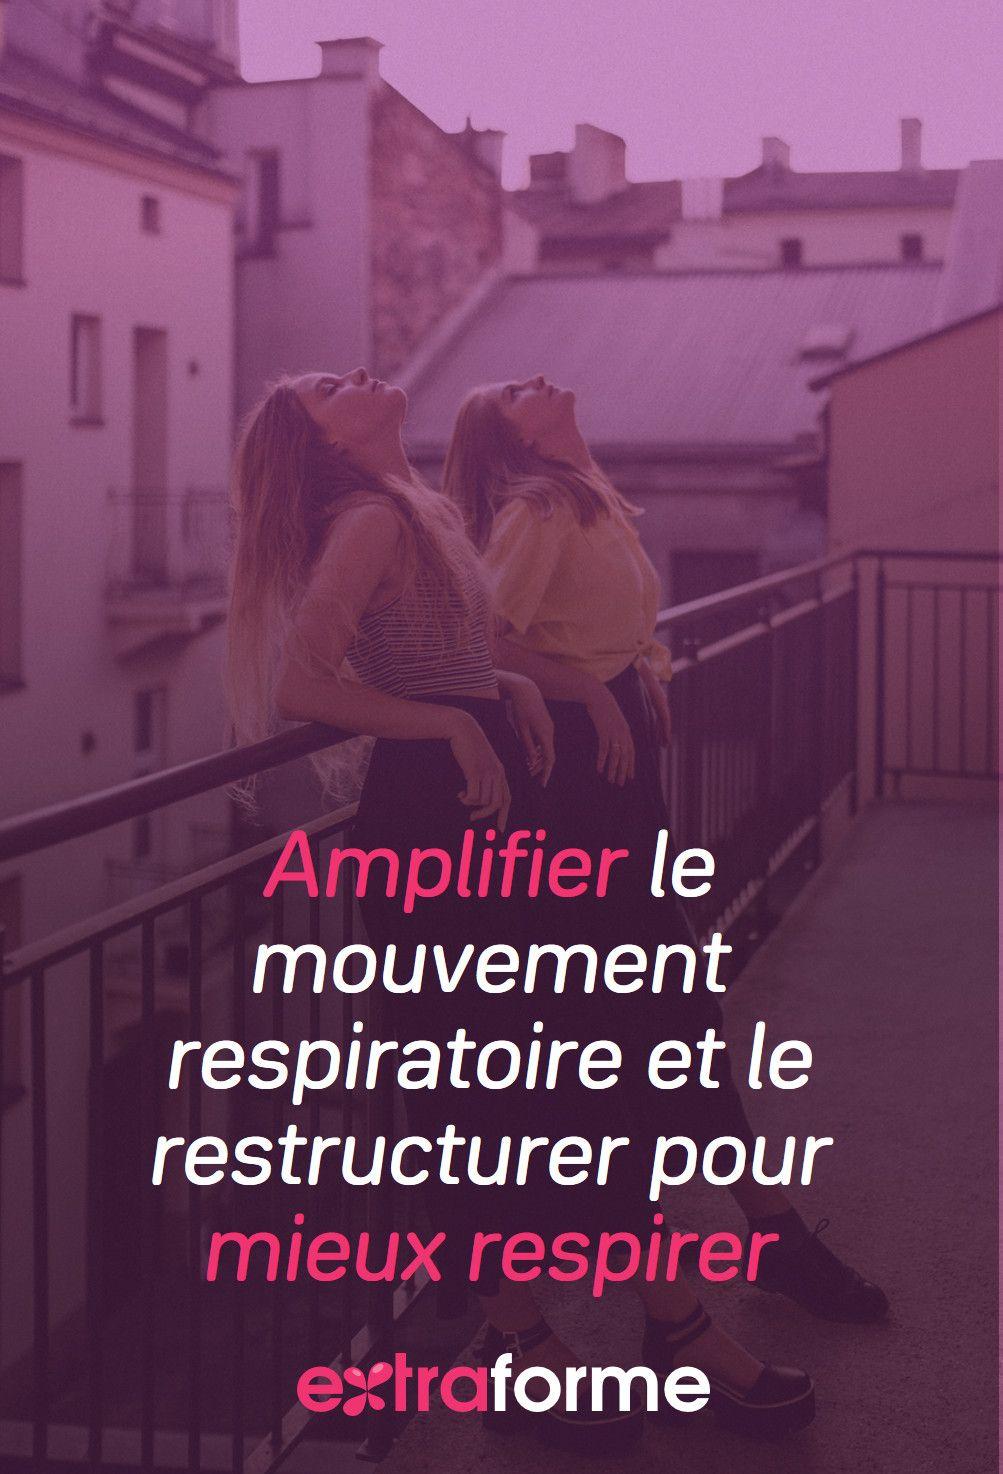 Amplifier Le Mouvement Respiratoire Et Le Restructurer Pour Mieux Respirer Systeme Lymphatique Respiratoire Gestion Du Stress